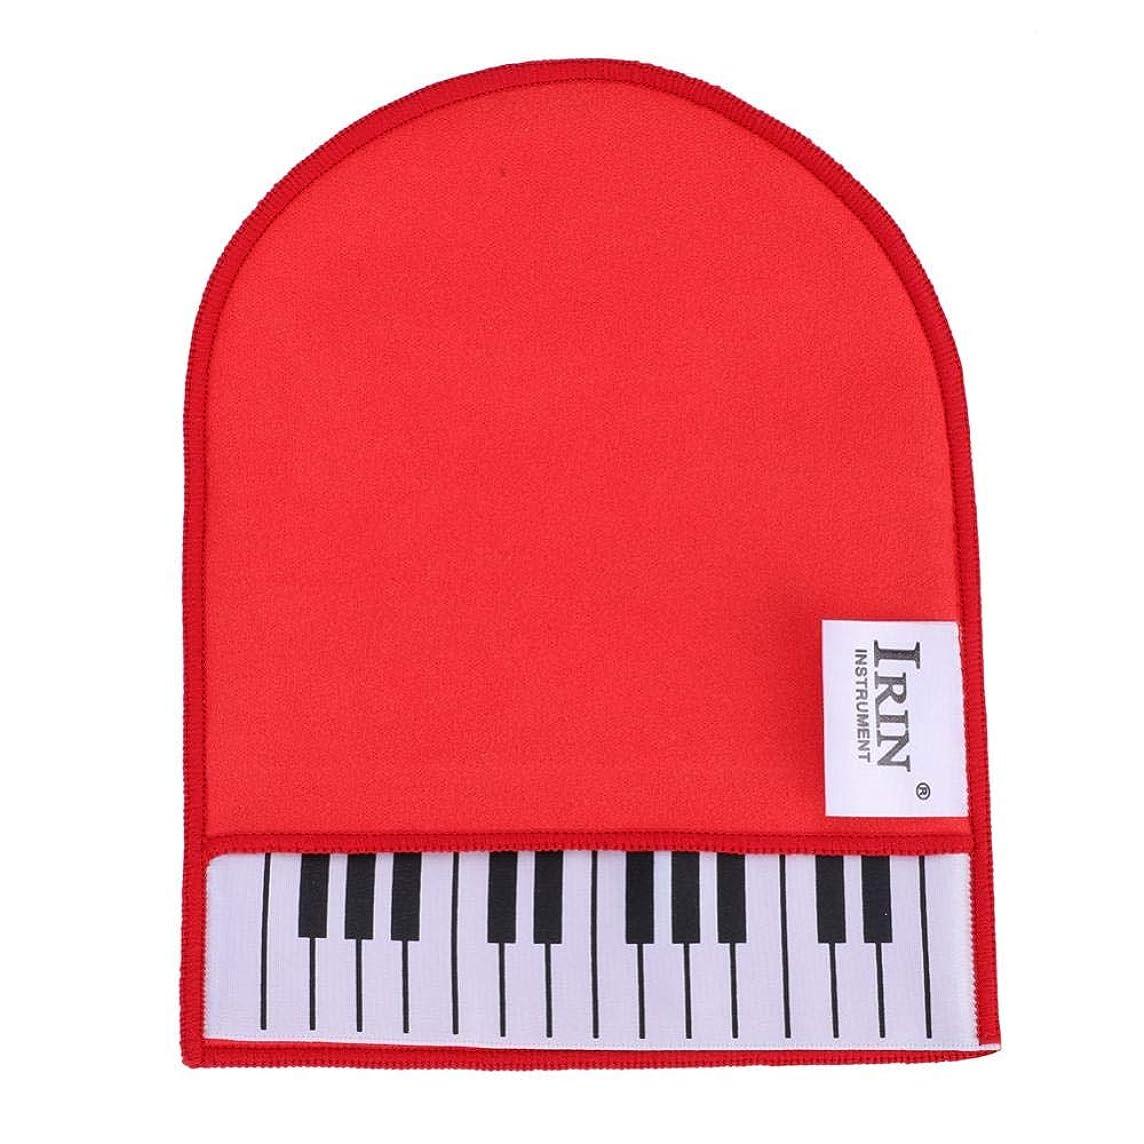 瞬時にスペイン語対ピアノキークリーナーピアノ手袋、ピアノとその他の楽器(1組)のためのピアノのキーボードパターンデザインとソフトマイクロファイバークロスクリーニング手袋 耐久性